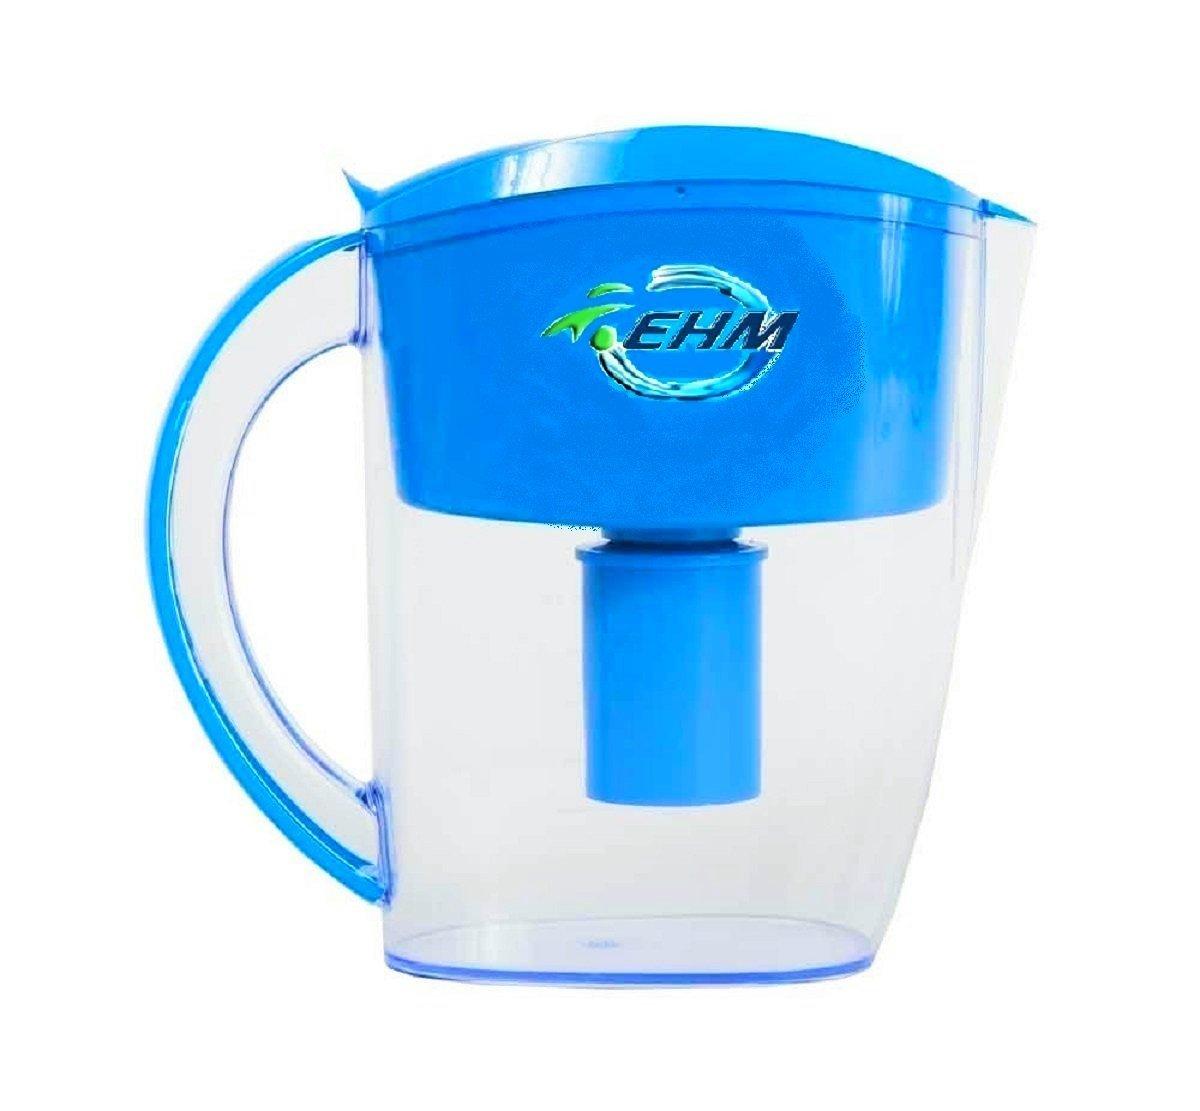 EHM Orginal Alkaline Water Pitcher - 3.5L Pure Healthy Water Ionizer -